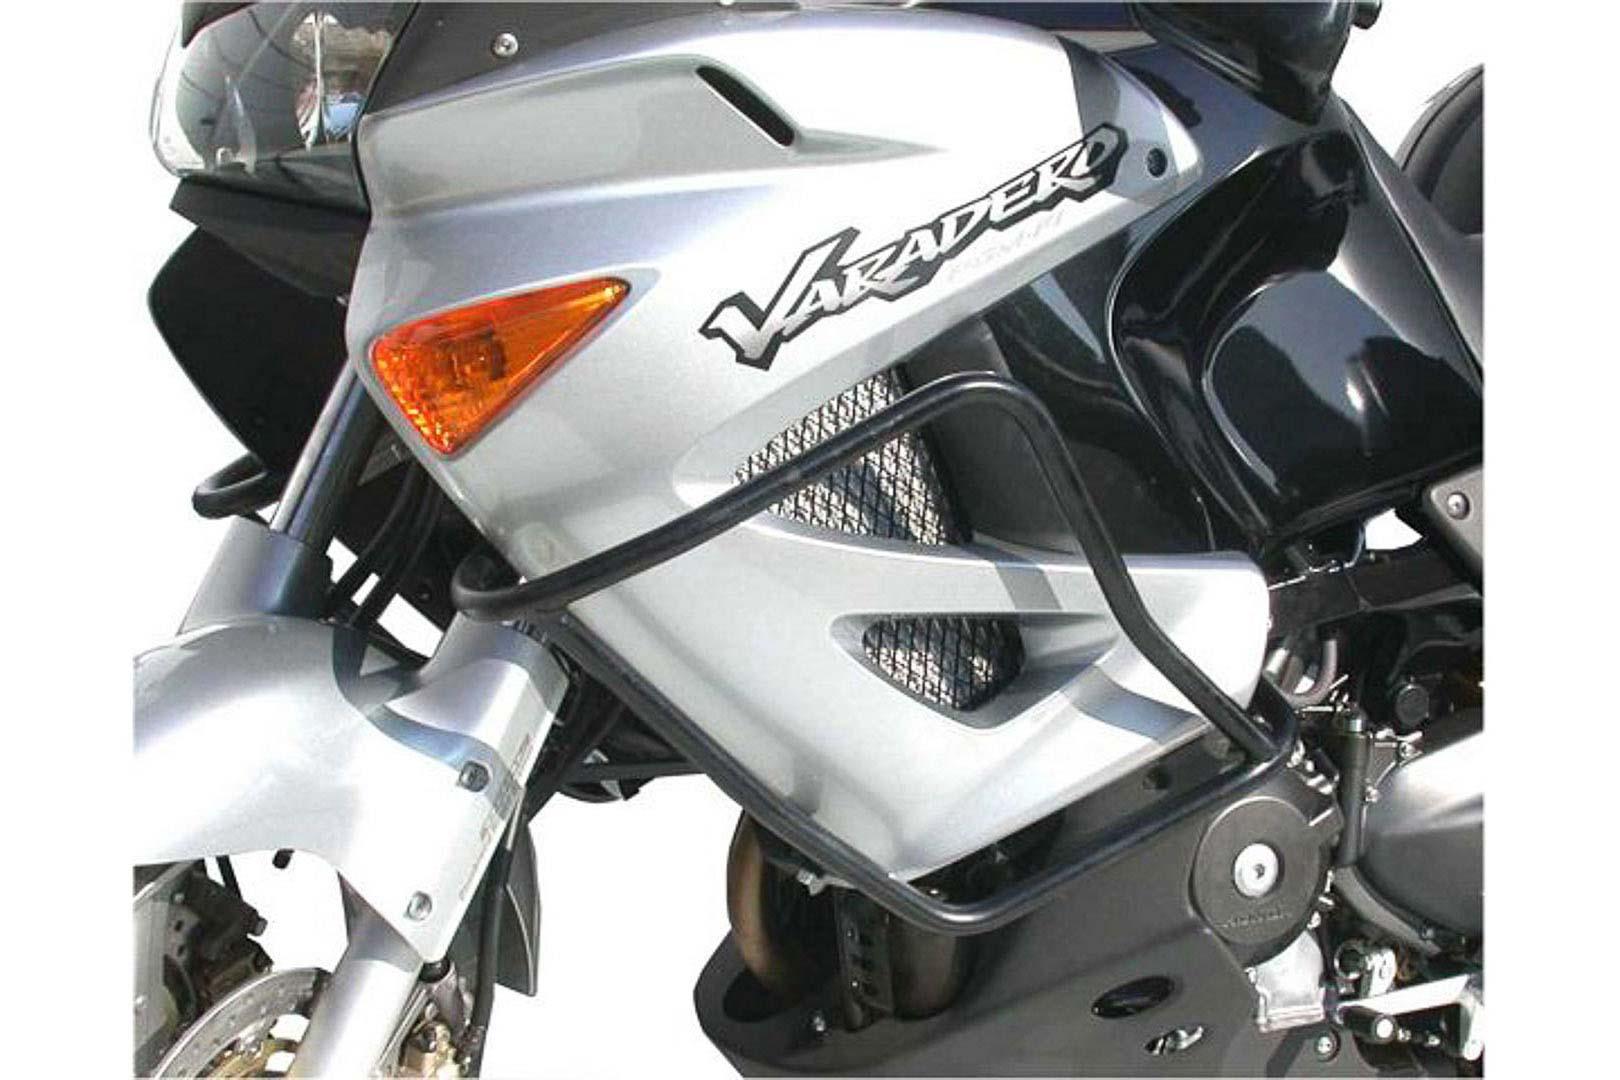 SW-Motech Moottorinsuojarauta Honda XL1000V Varadero 04-05 musta